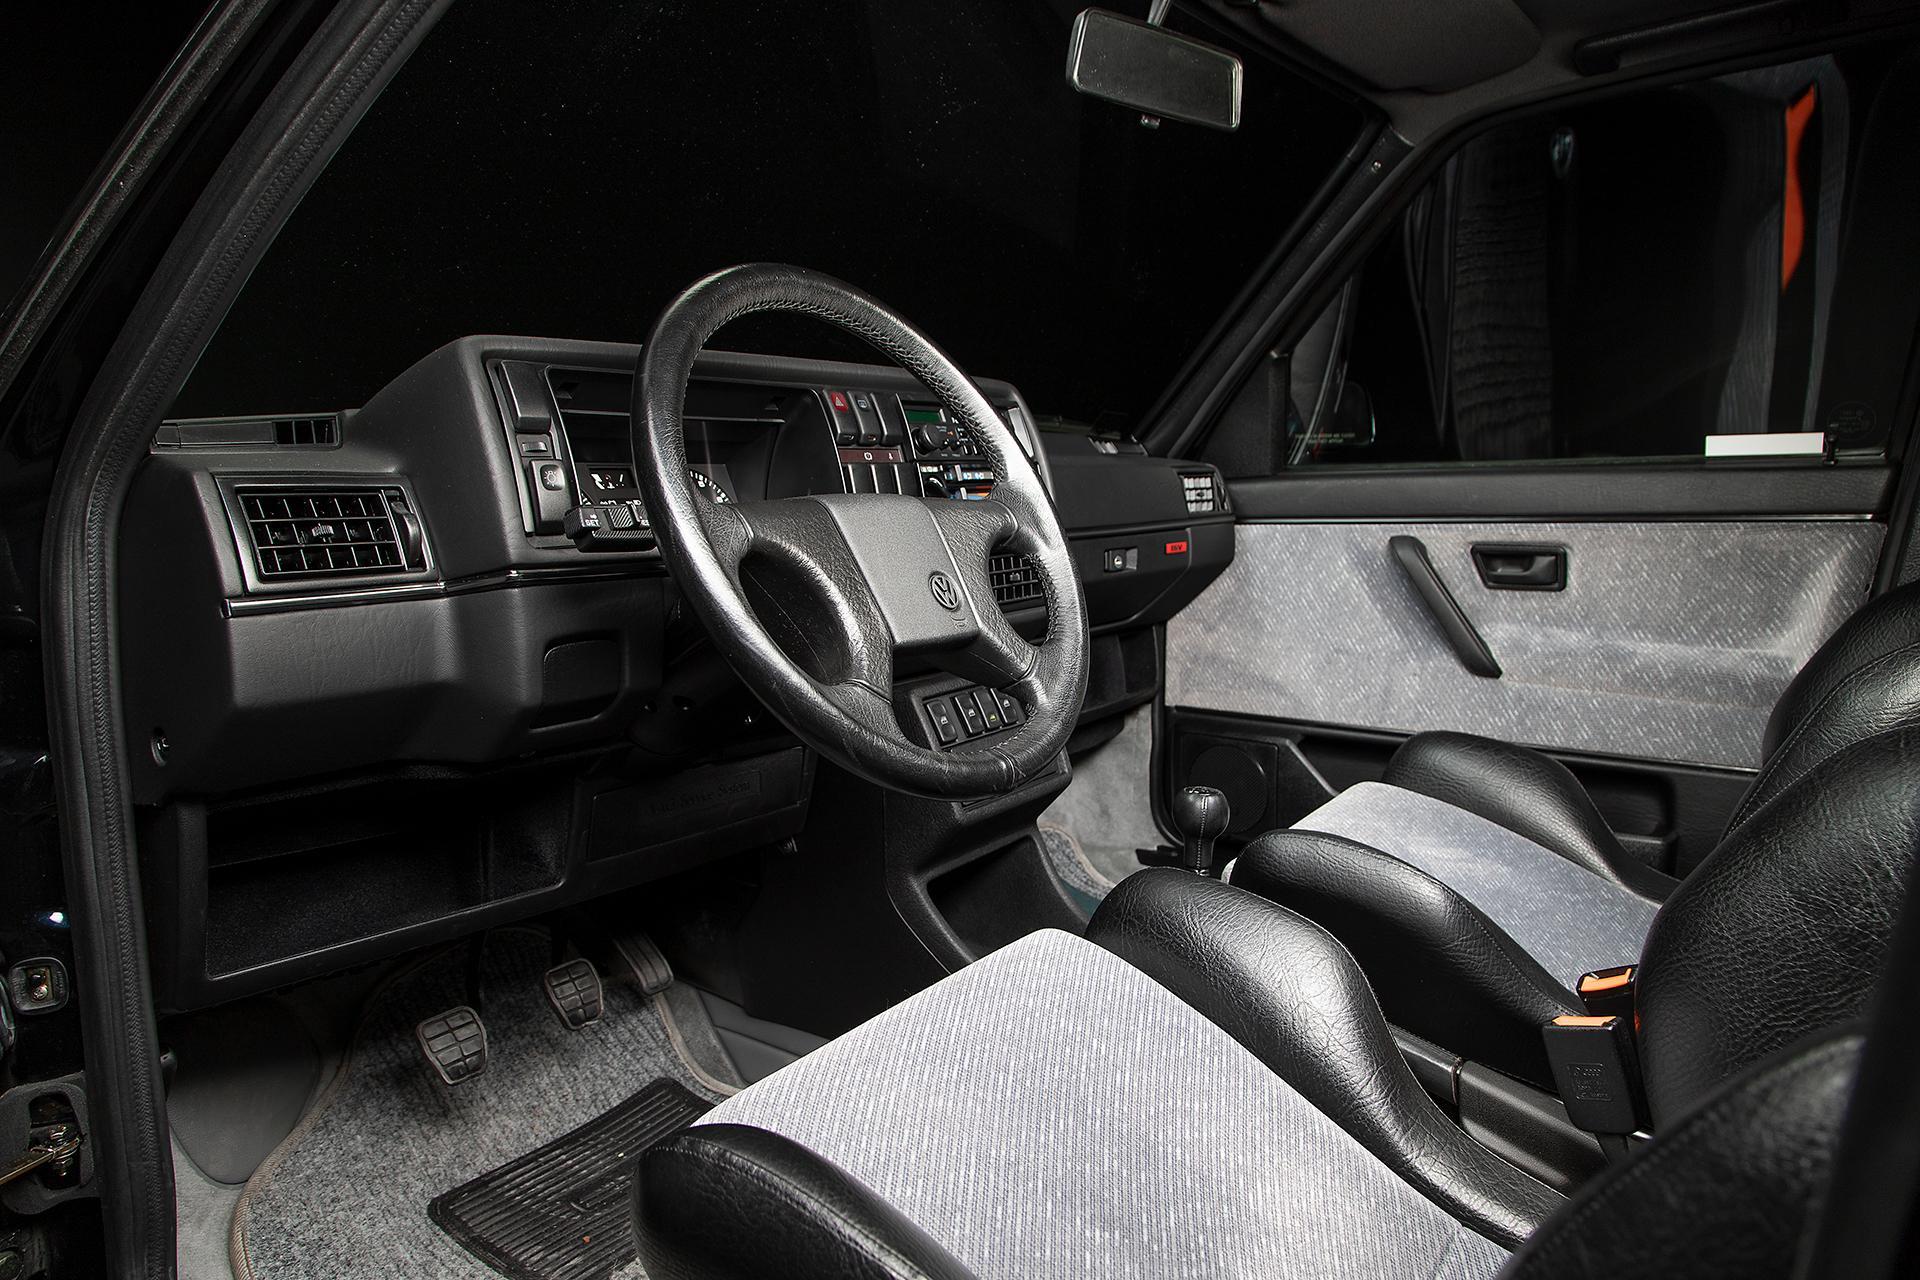 1989_volkswagen_jetta_gli_16v_1584556707734c2f711